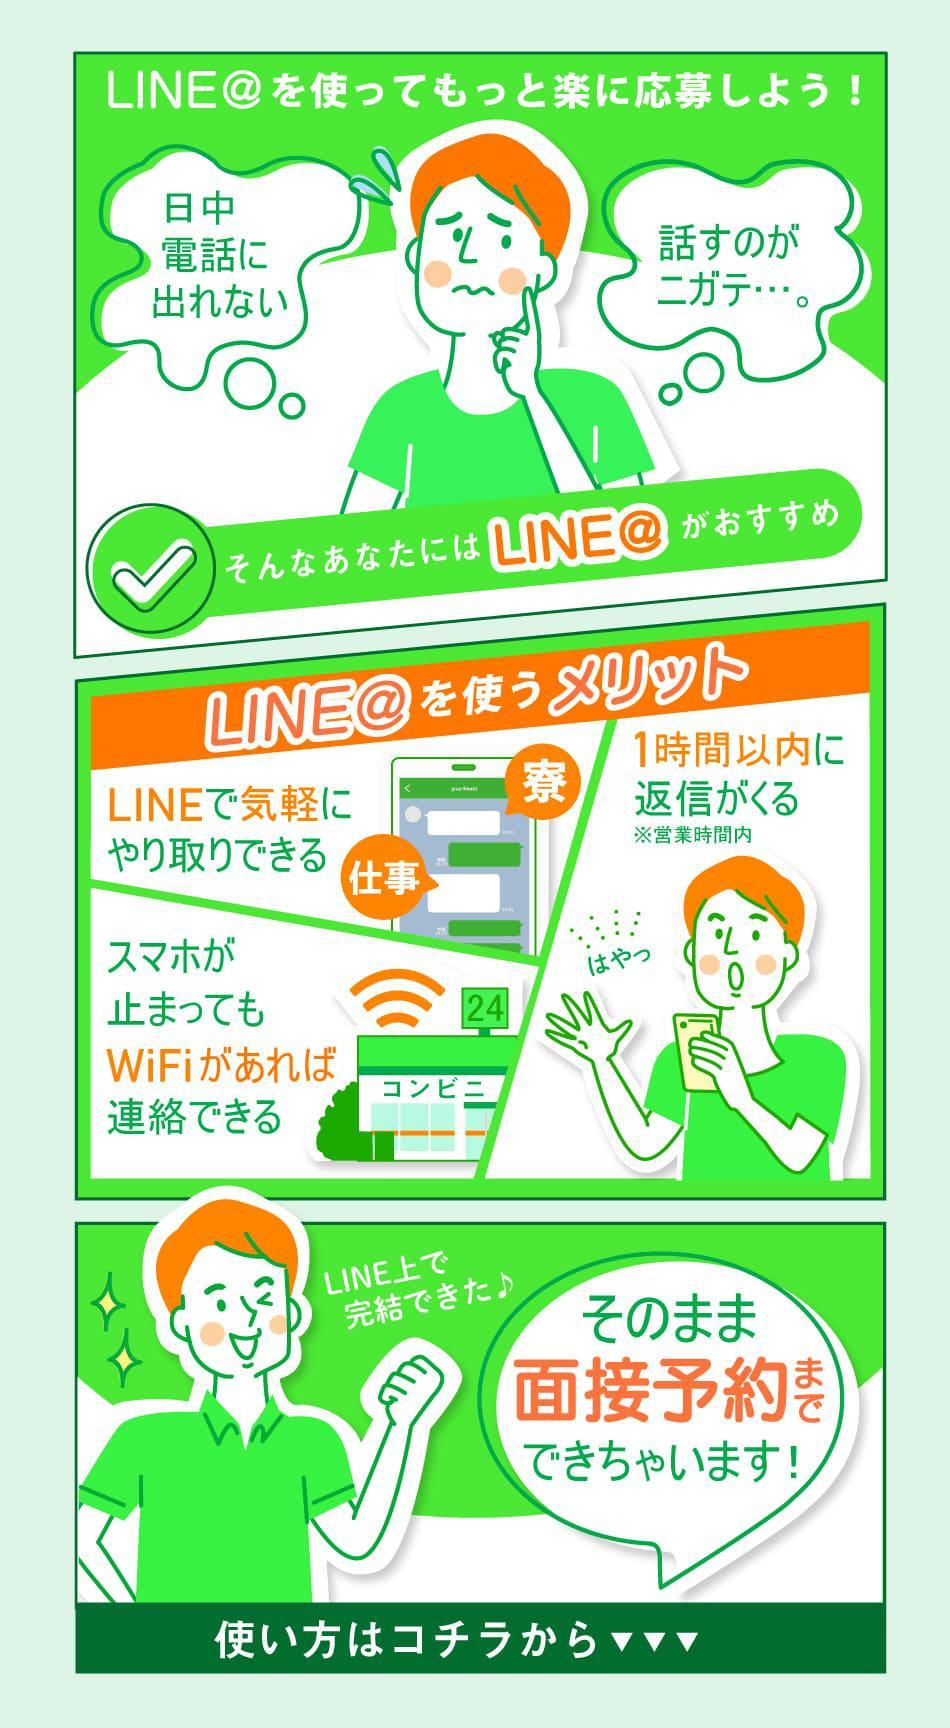 linemensetsu_merit_20200529A.jpg